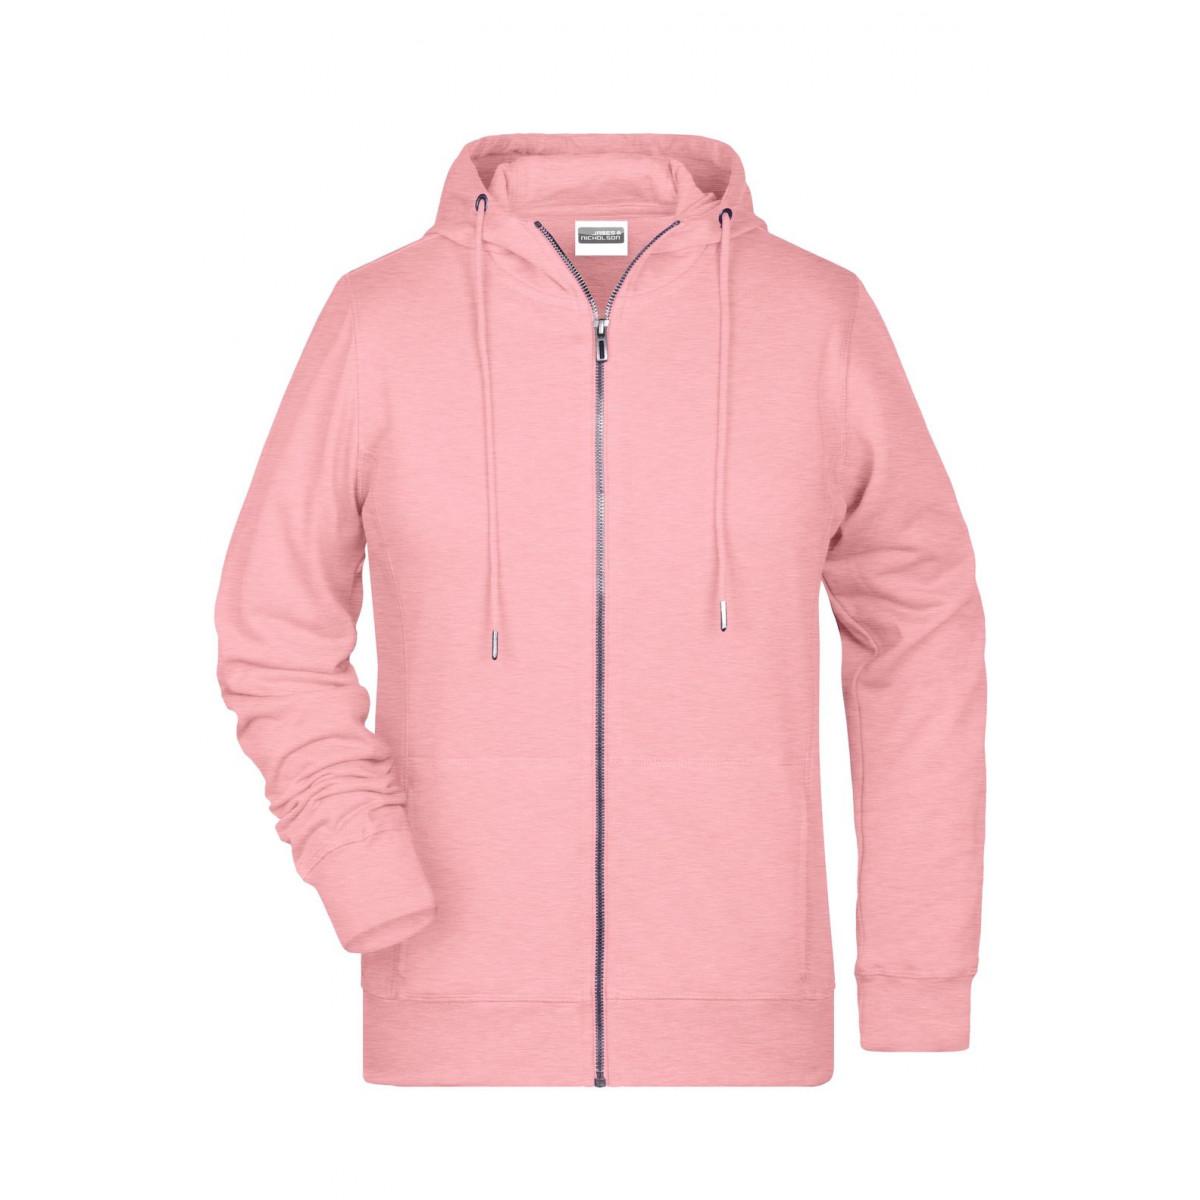 Толстовка женская 8025 Ladies Zip Hoody - Нежно-розовый